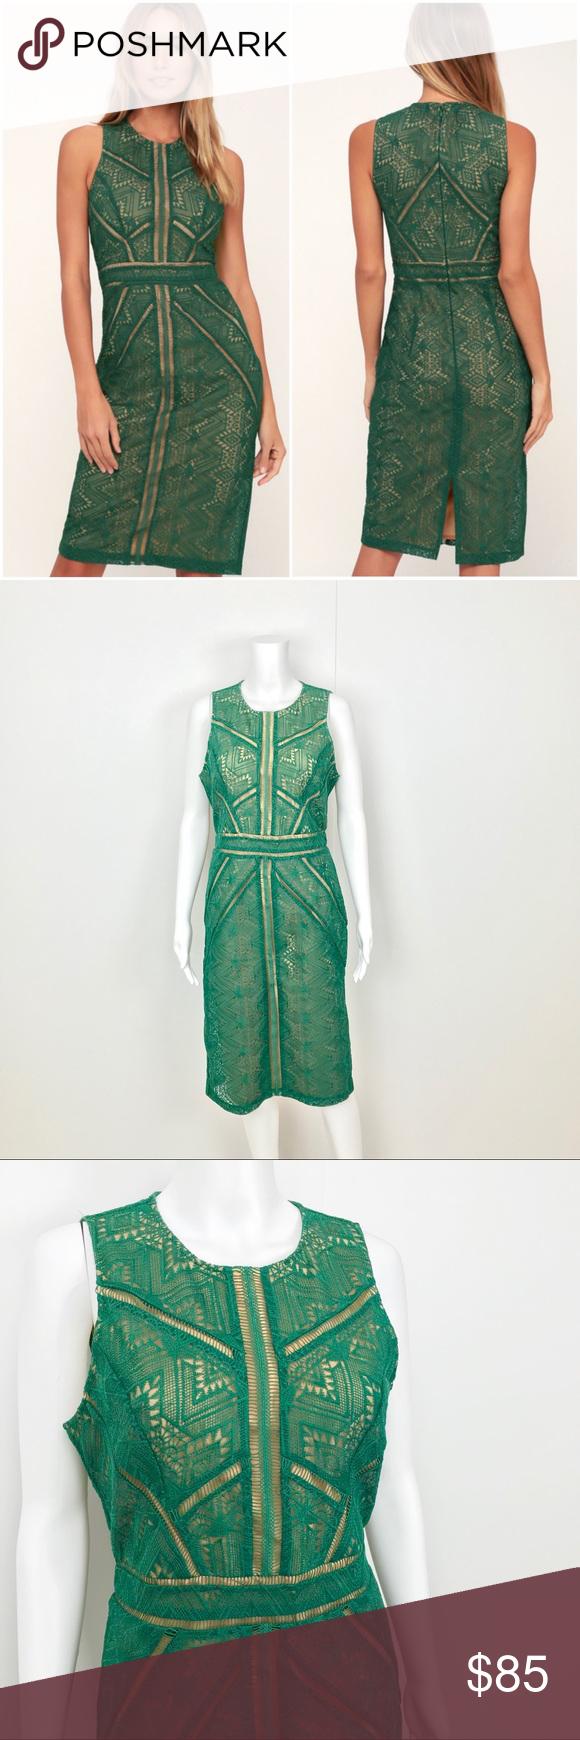 Bardot Eve Green Lace Sheath Midi Dress Sheer Dark Green